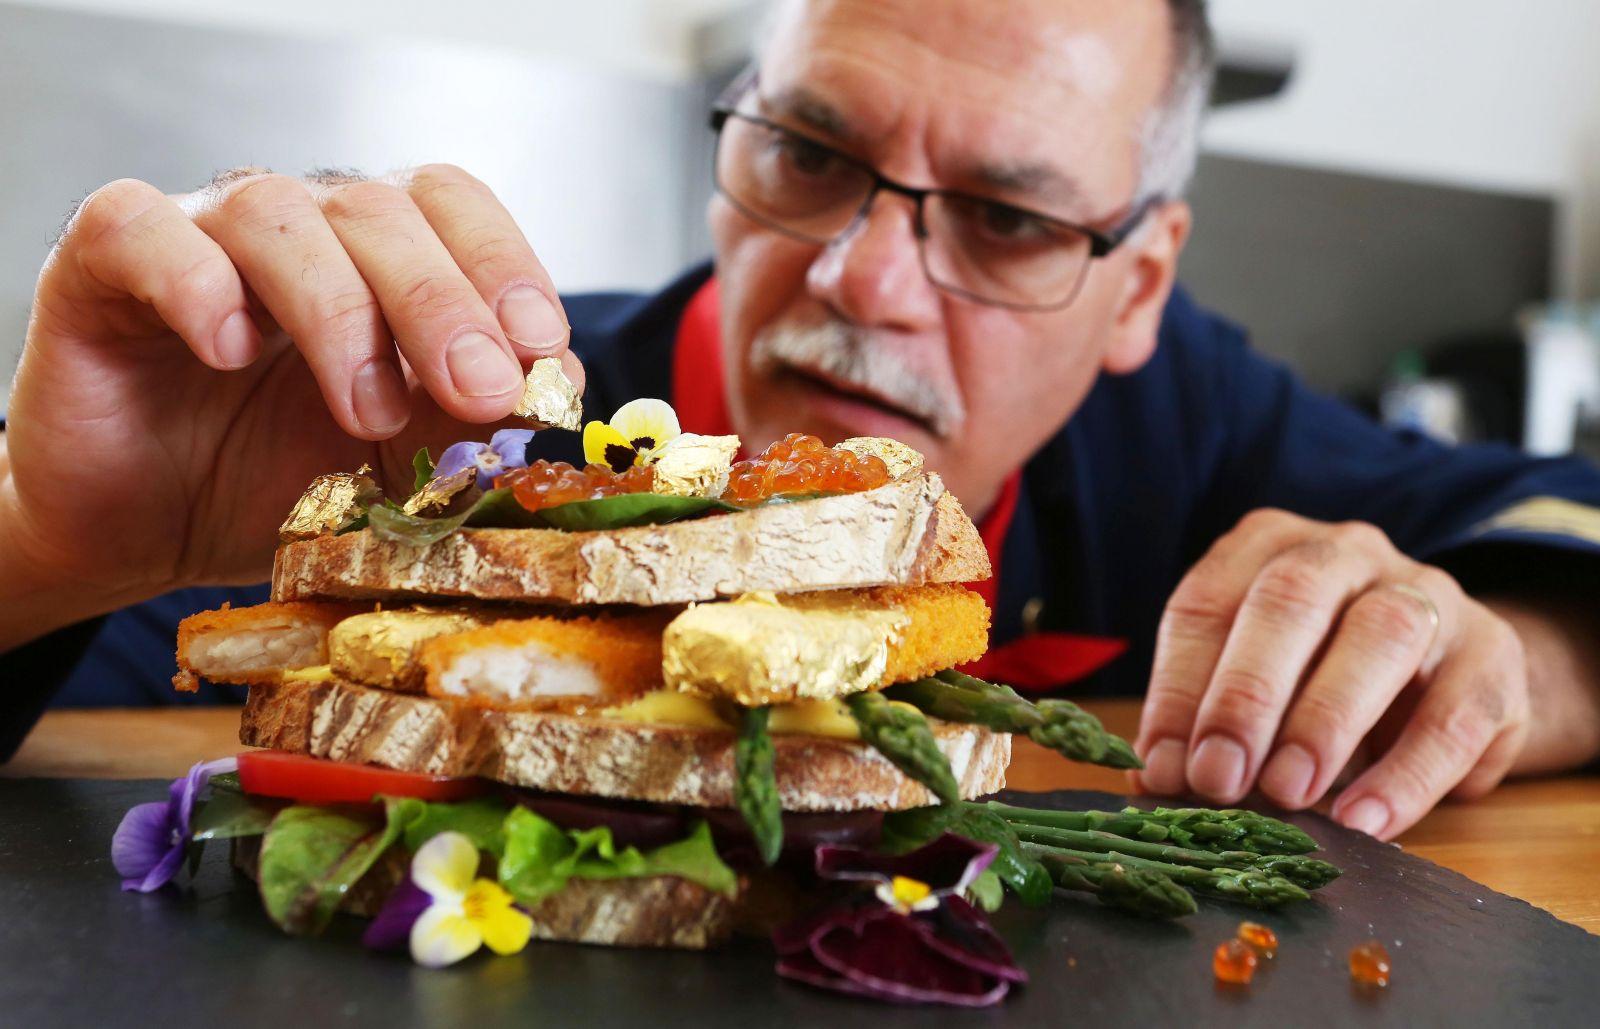 Любо-дорого: создан самый дорогой в мире сэндвич с рыбными палочками и золотом